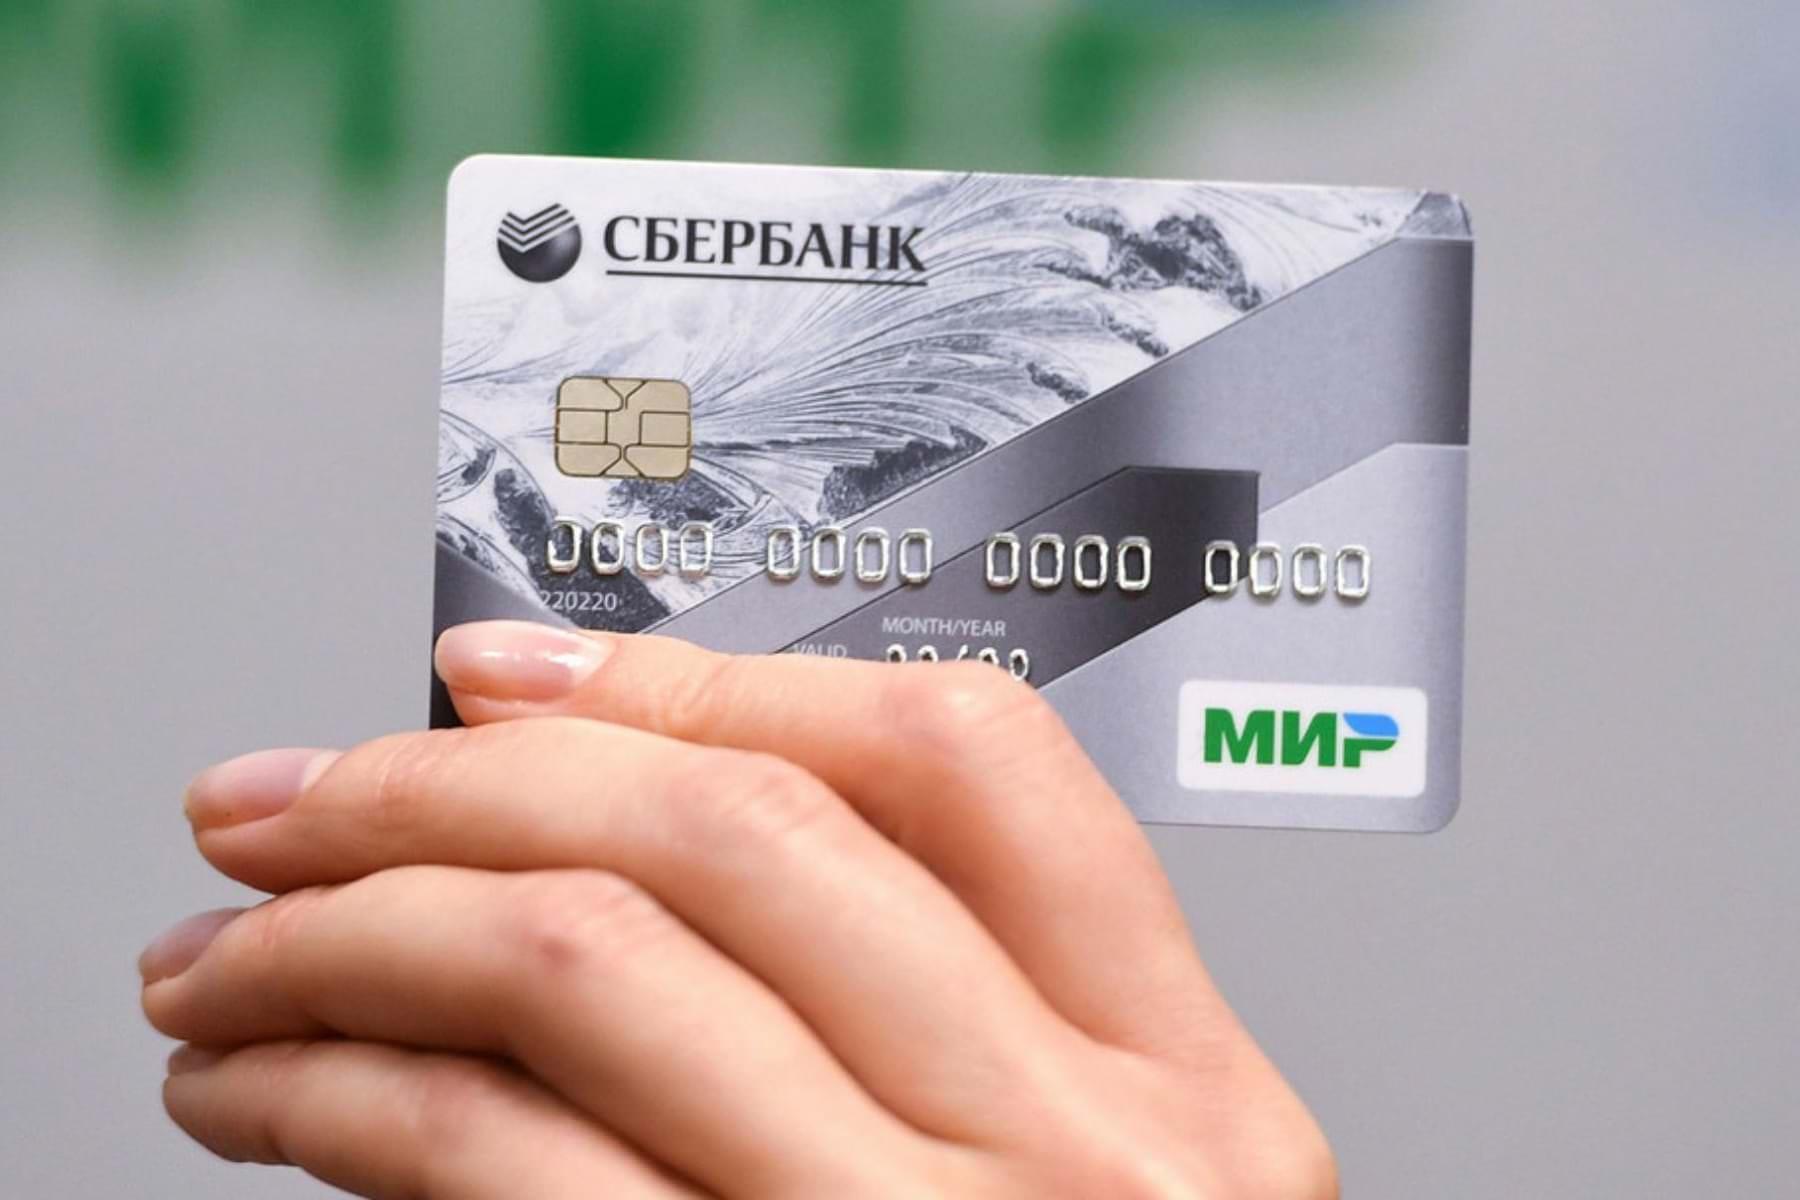 Кредитные карты сбербанка отзывы 2020